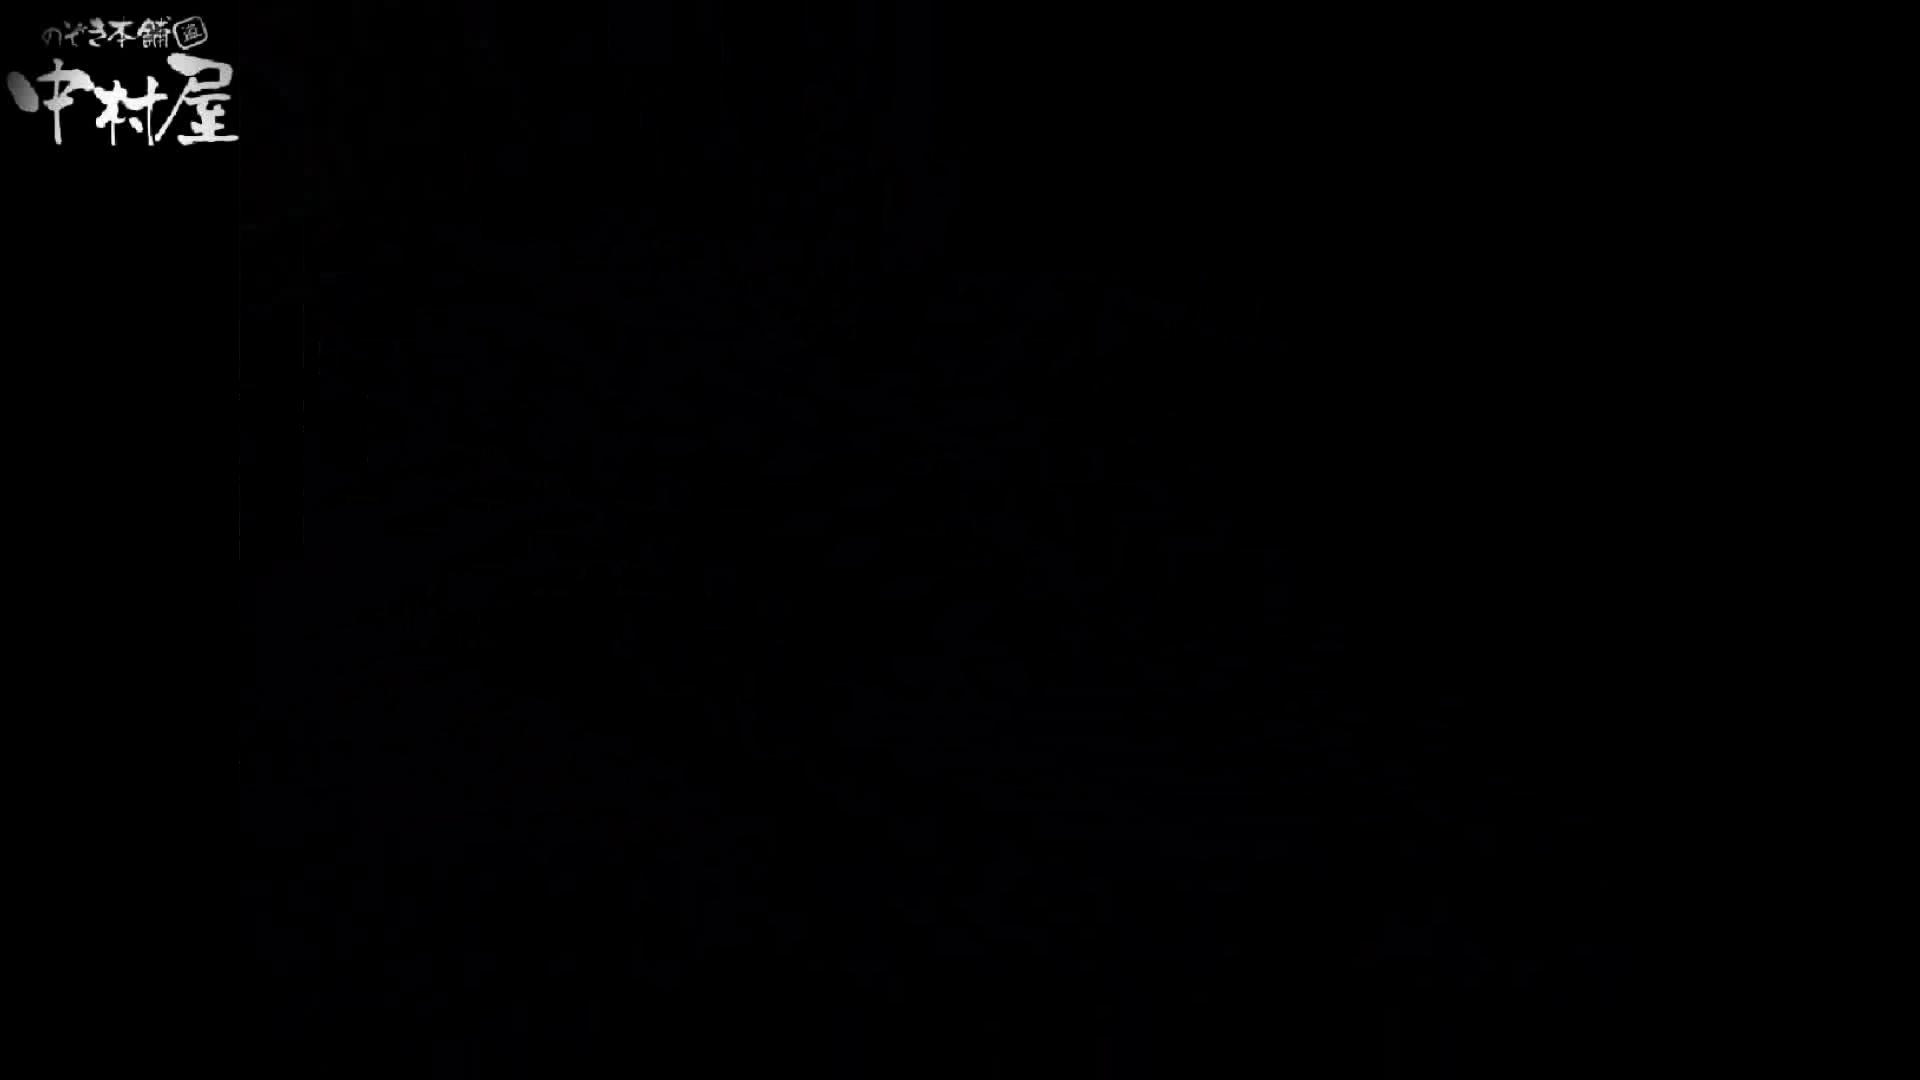 民家風呂専門盗撮師の超危険映像 vol.022 民家 ヌード画像 93枚 28